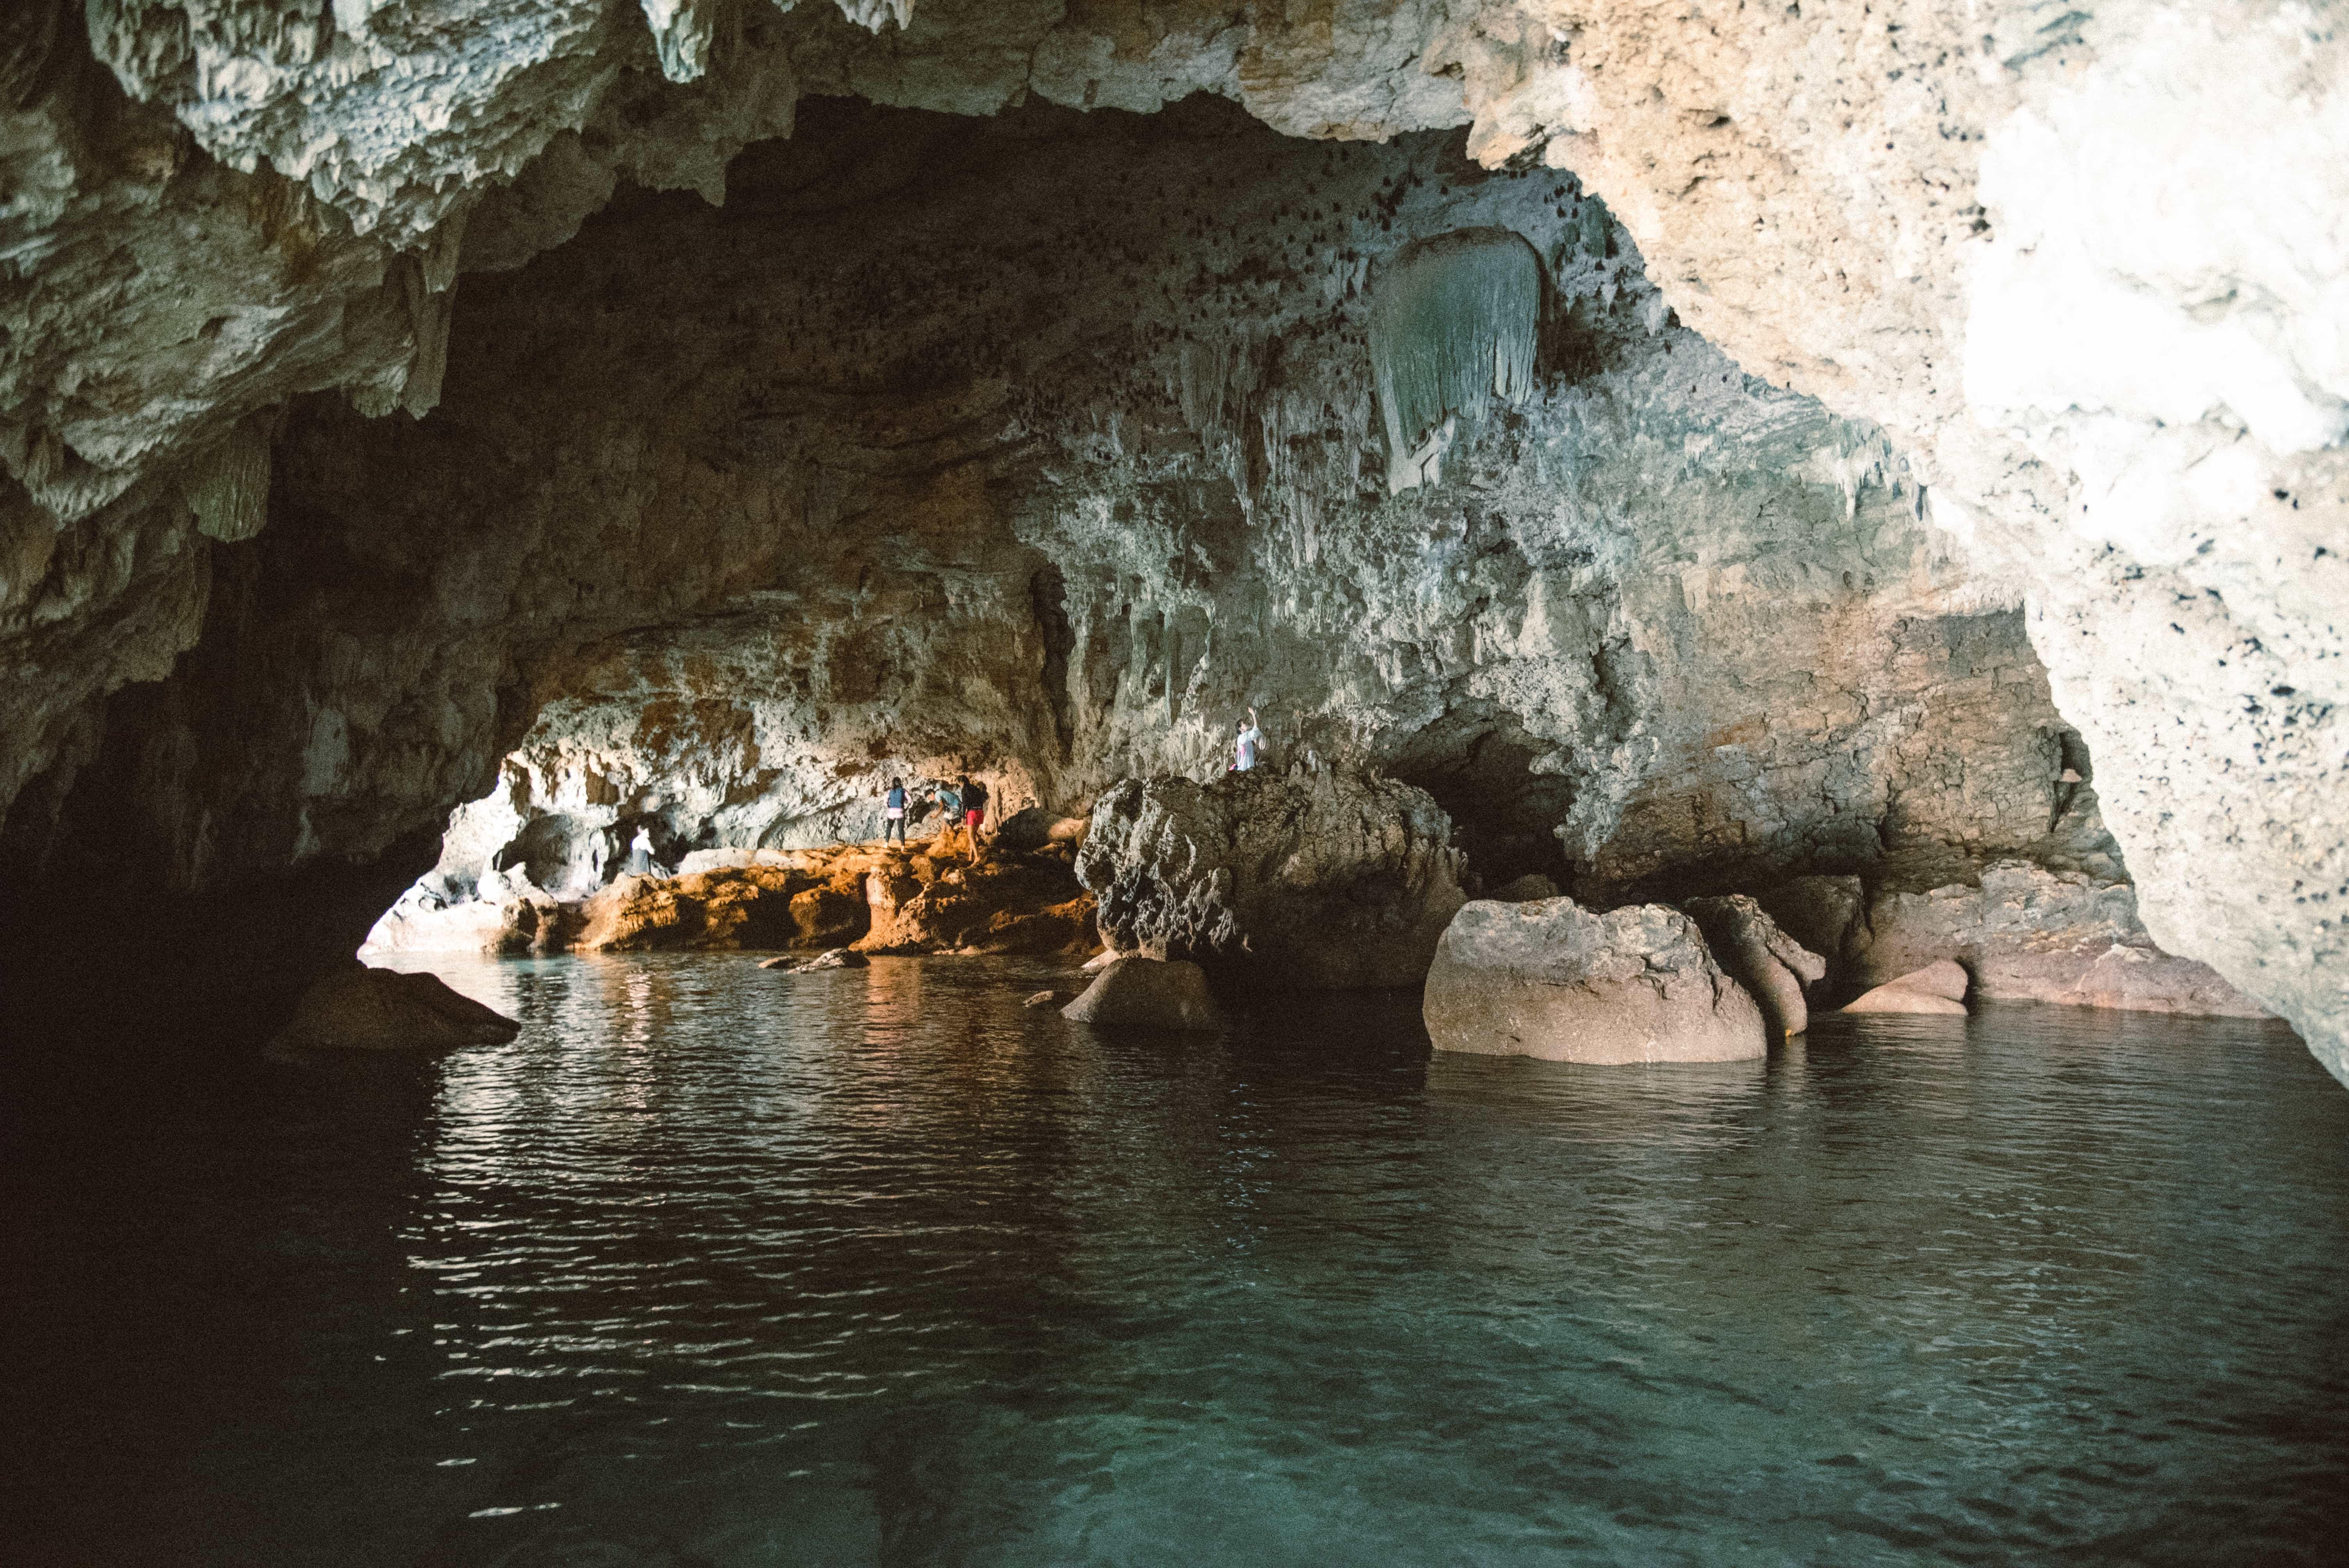 Guimaras tourist spots, Guimaras Island travel guide, where to go in Guimaras Island, Guimaras Island, Baras Cave